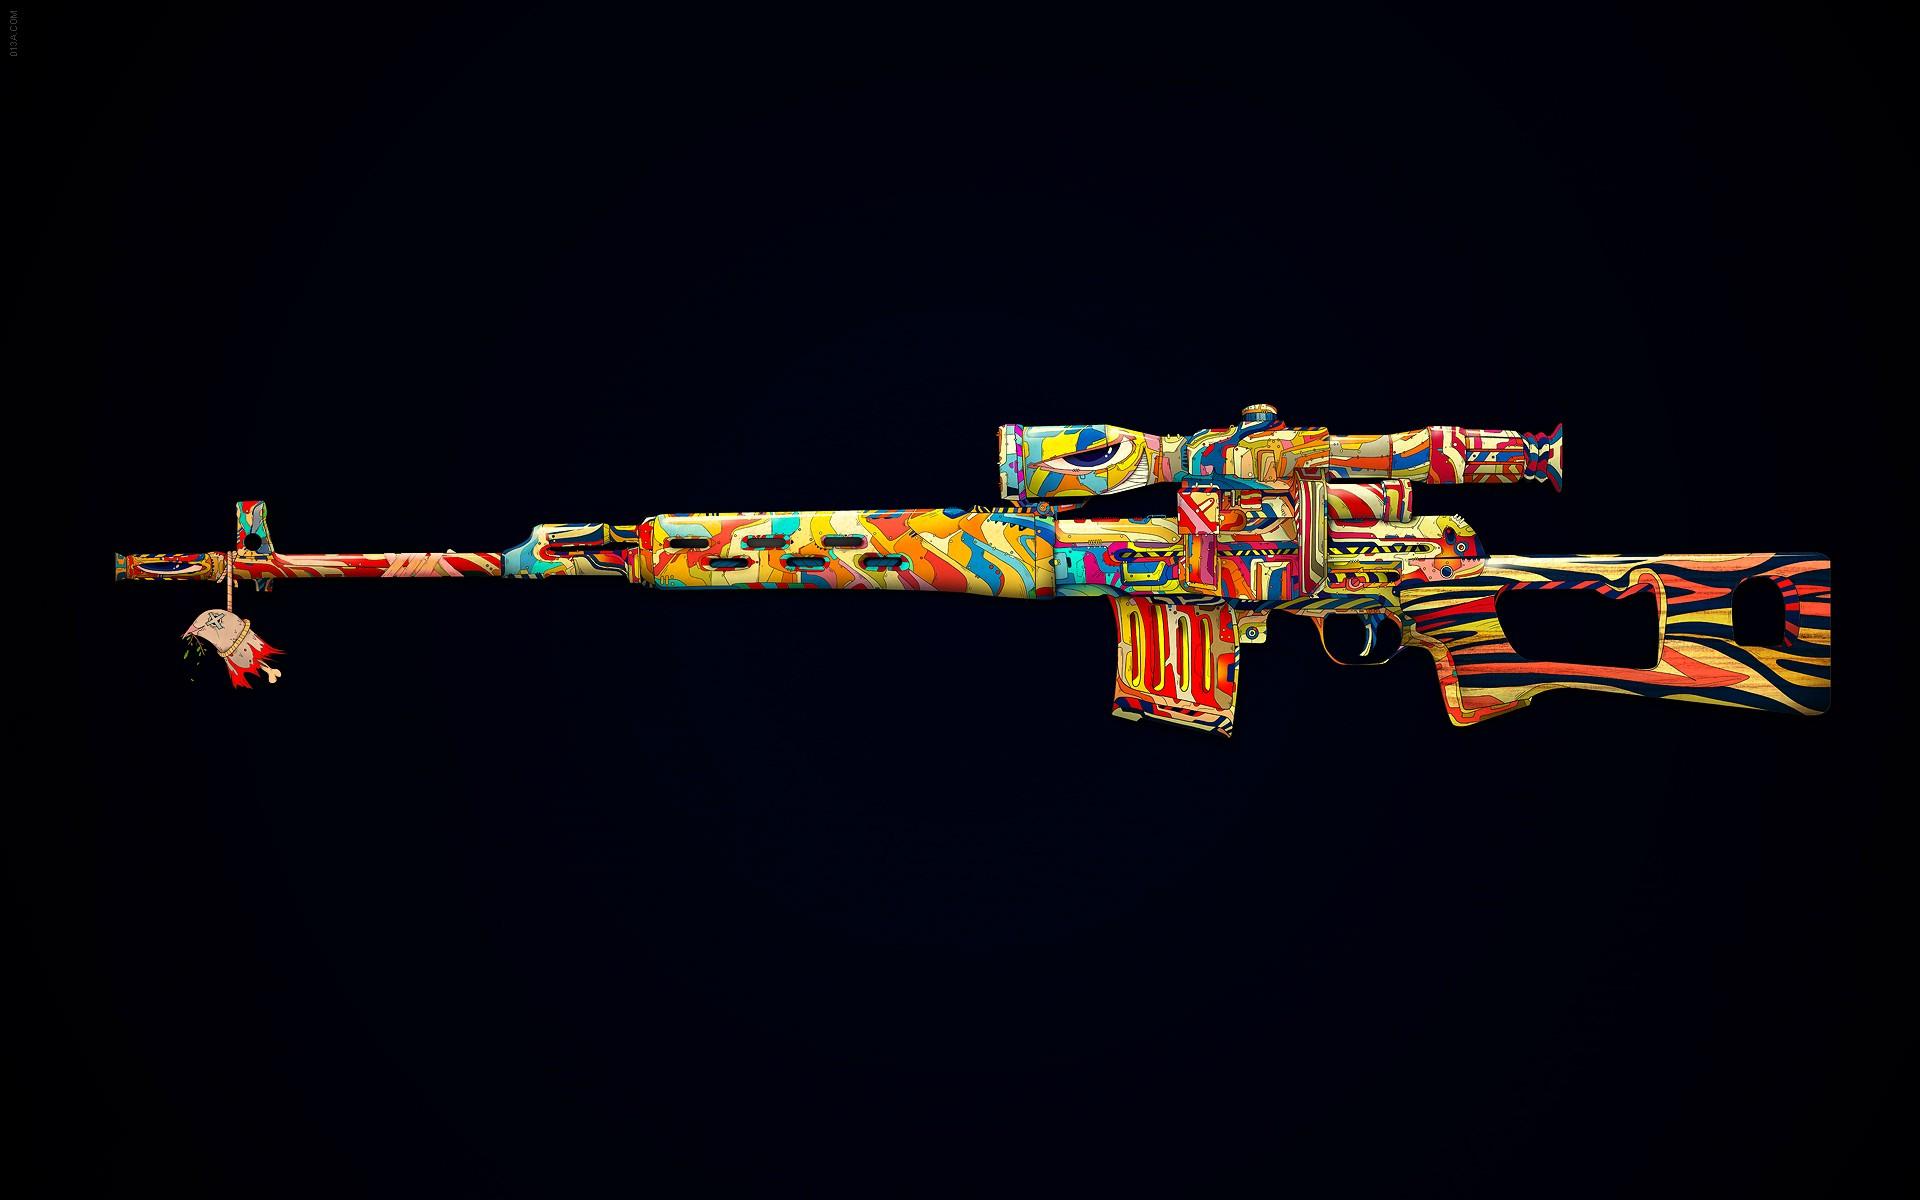 Pubg Sniper Wallpaper: Sniper Wallpapers HD